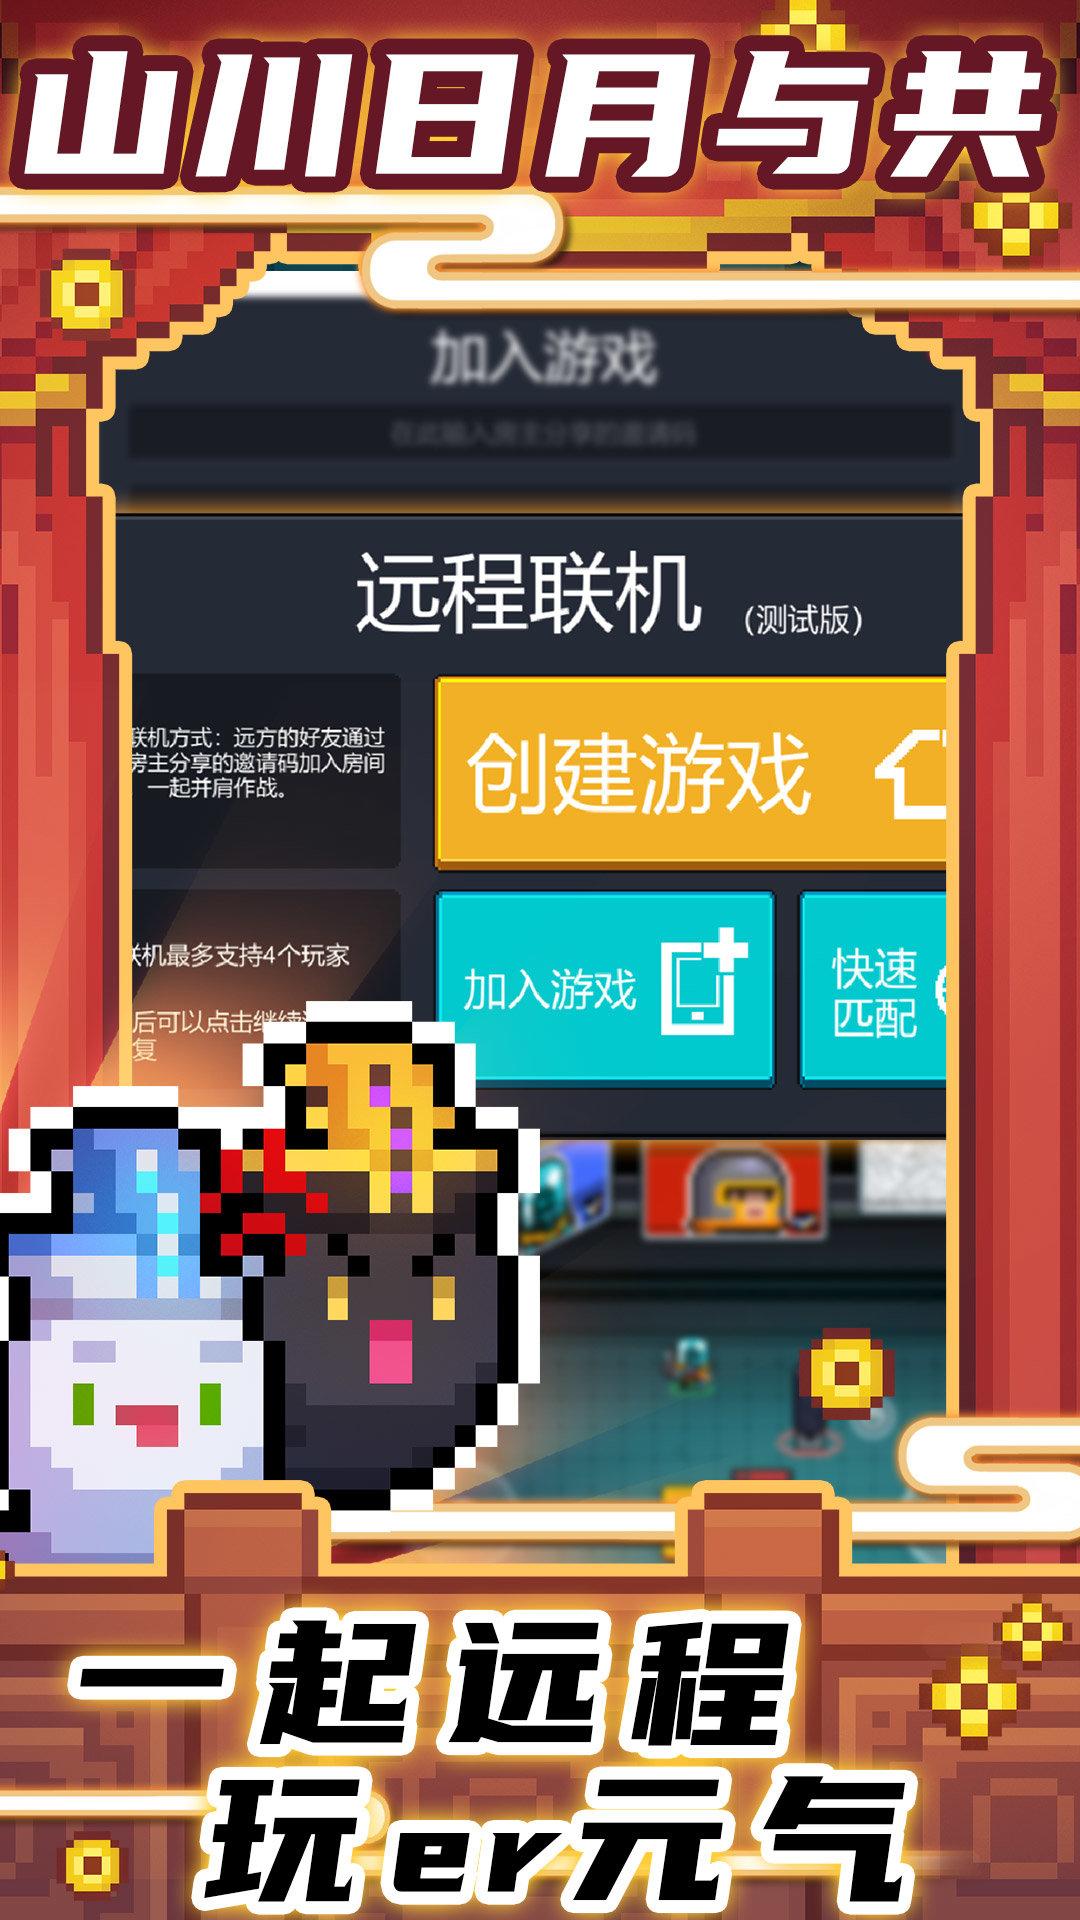 元气骑士破解版全无限3.0.4图2